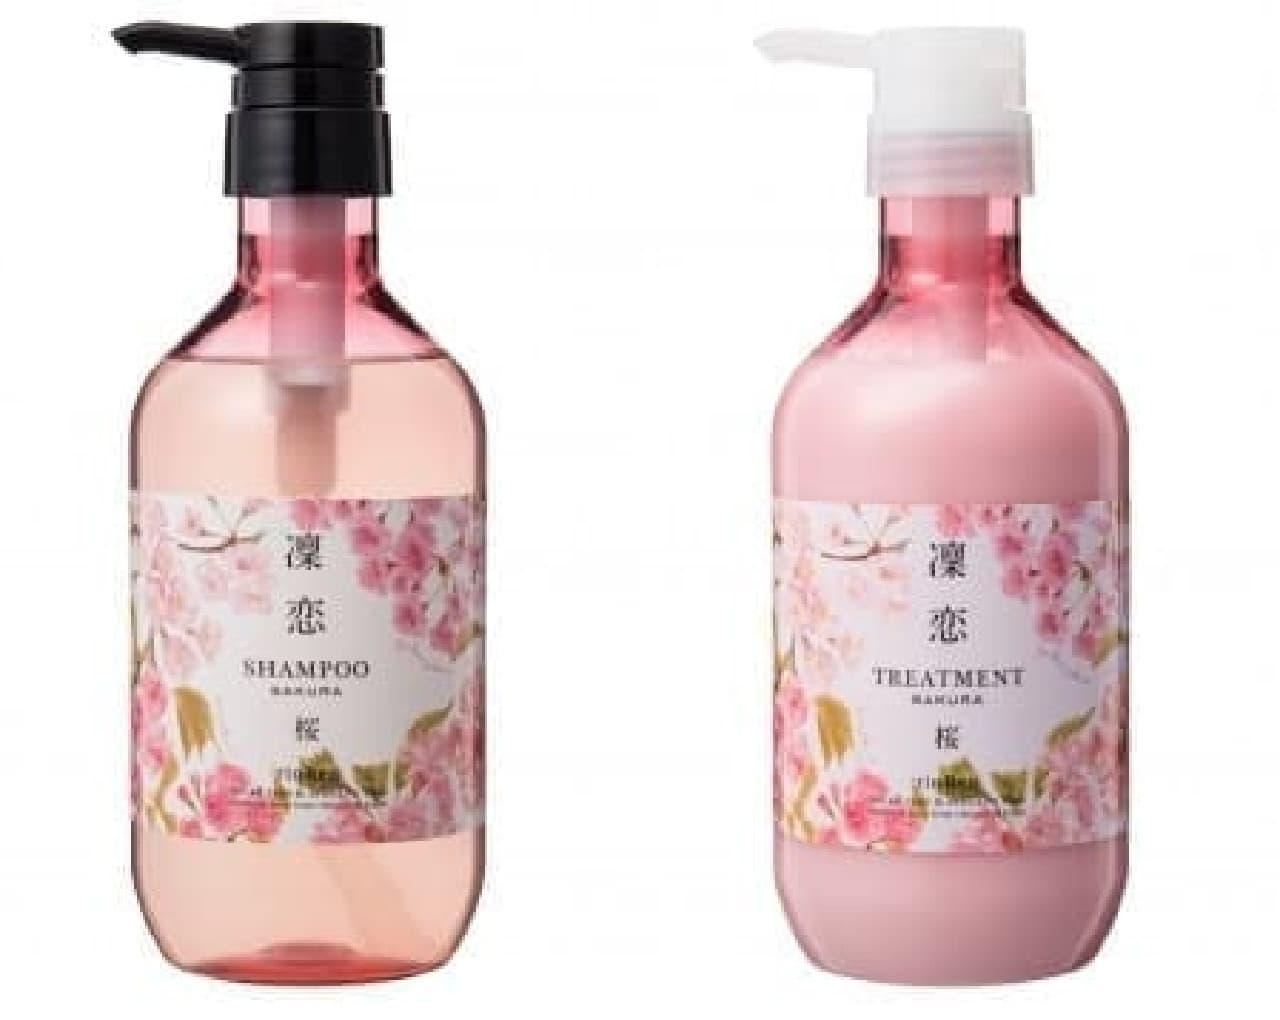 「リンレン」から桜エキスを配合した限定シャンプー